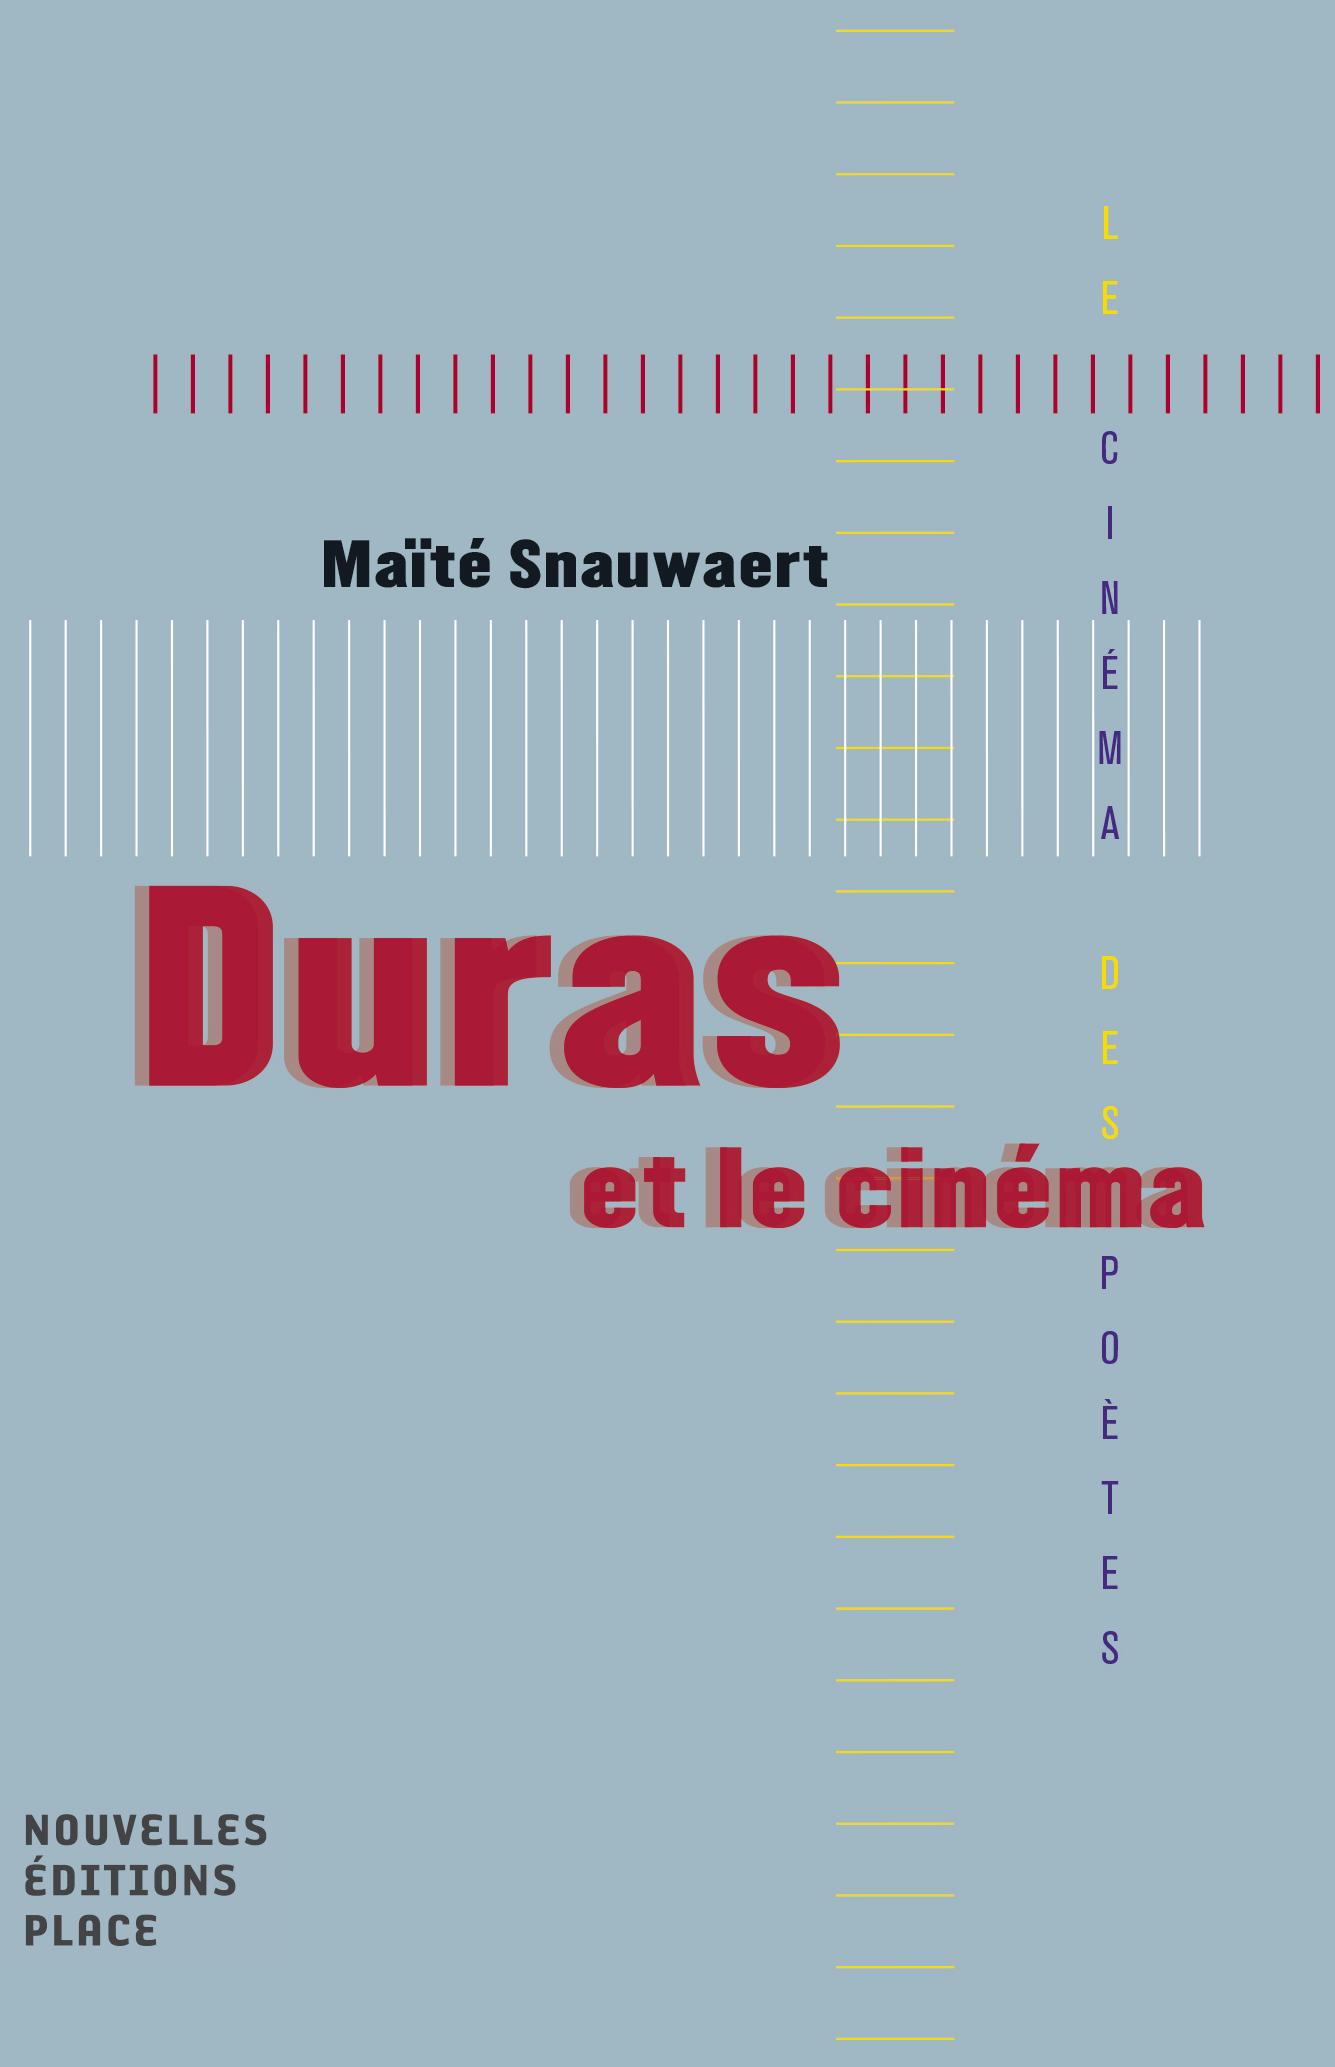 Duras et le cinéma Collection « Le cinéma des poètes » Les nouvelles éditions Jean-Michel Place